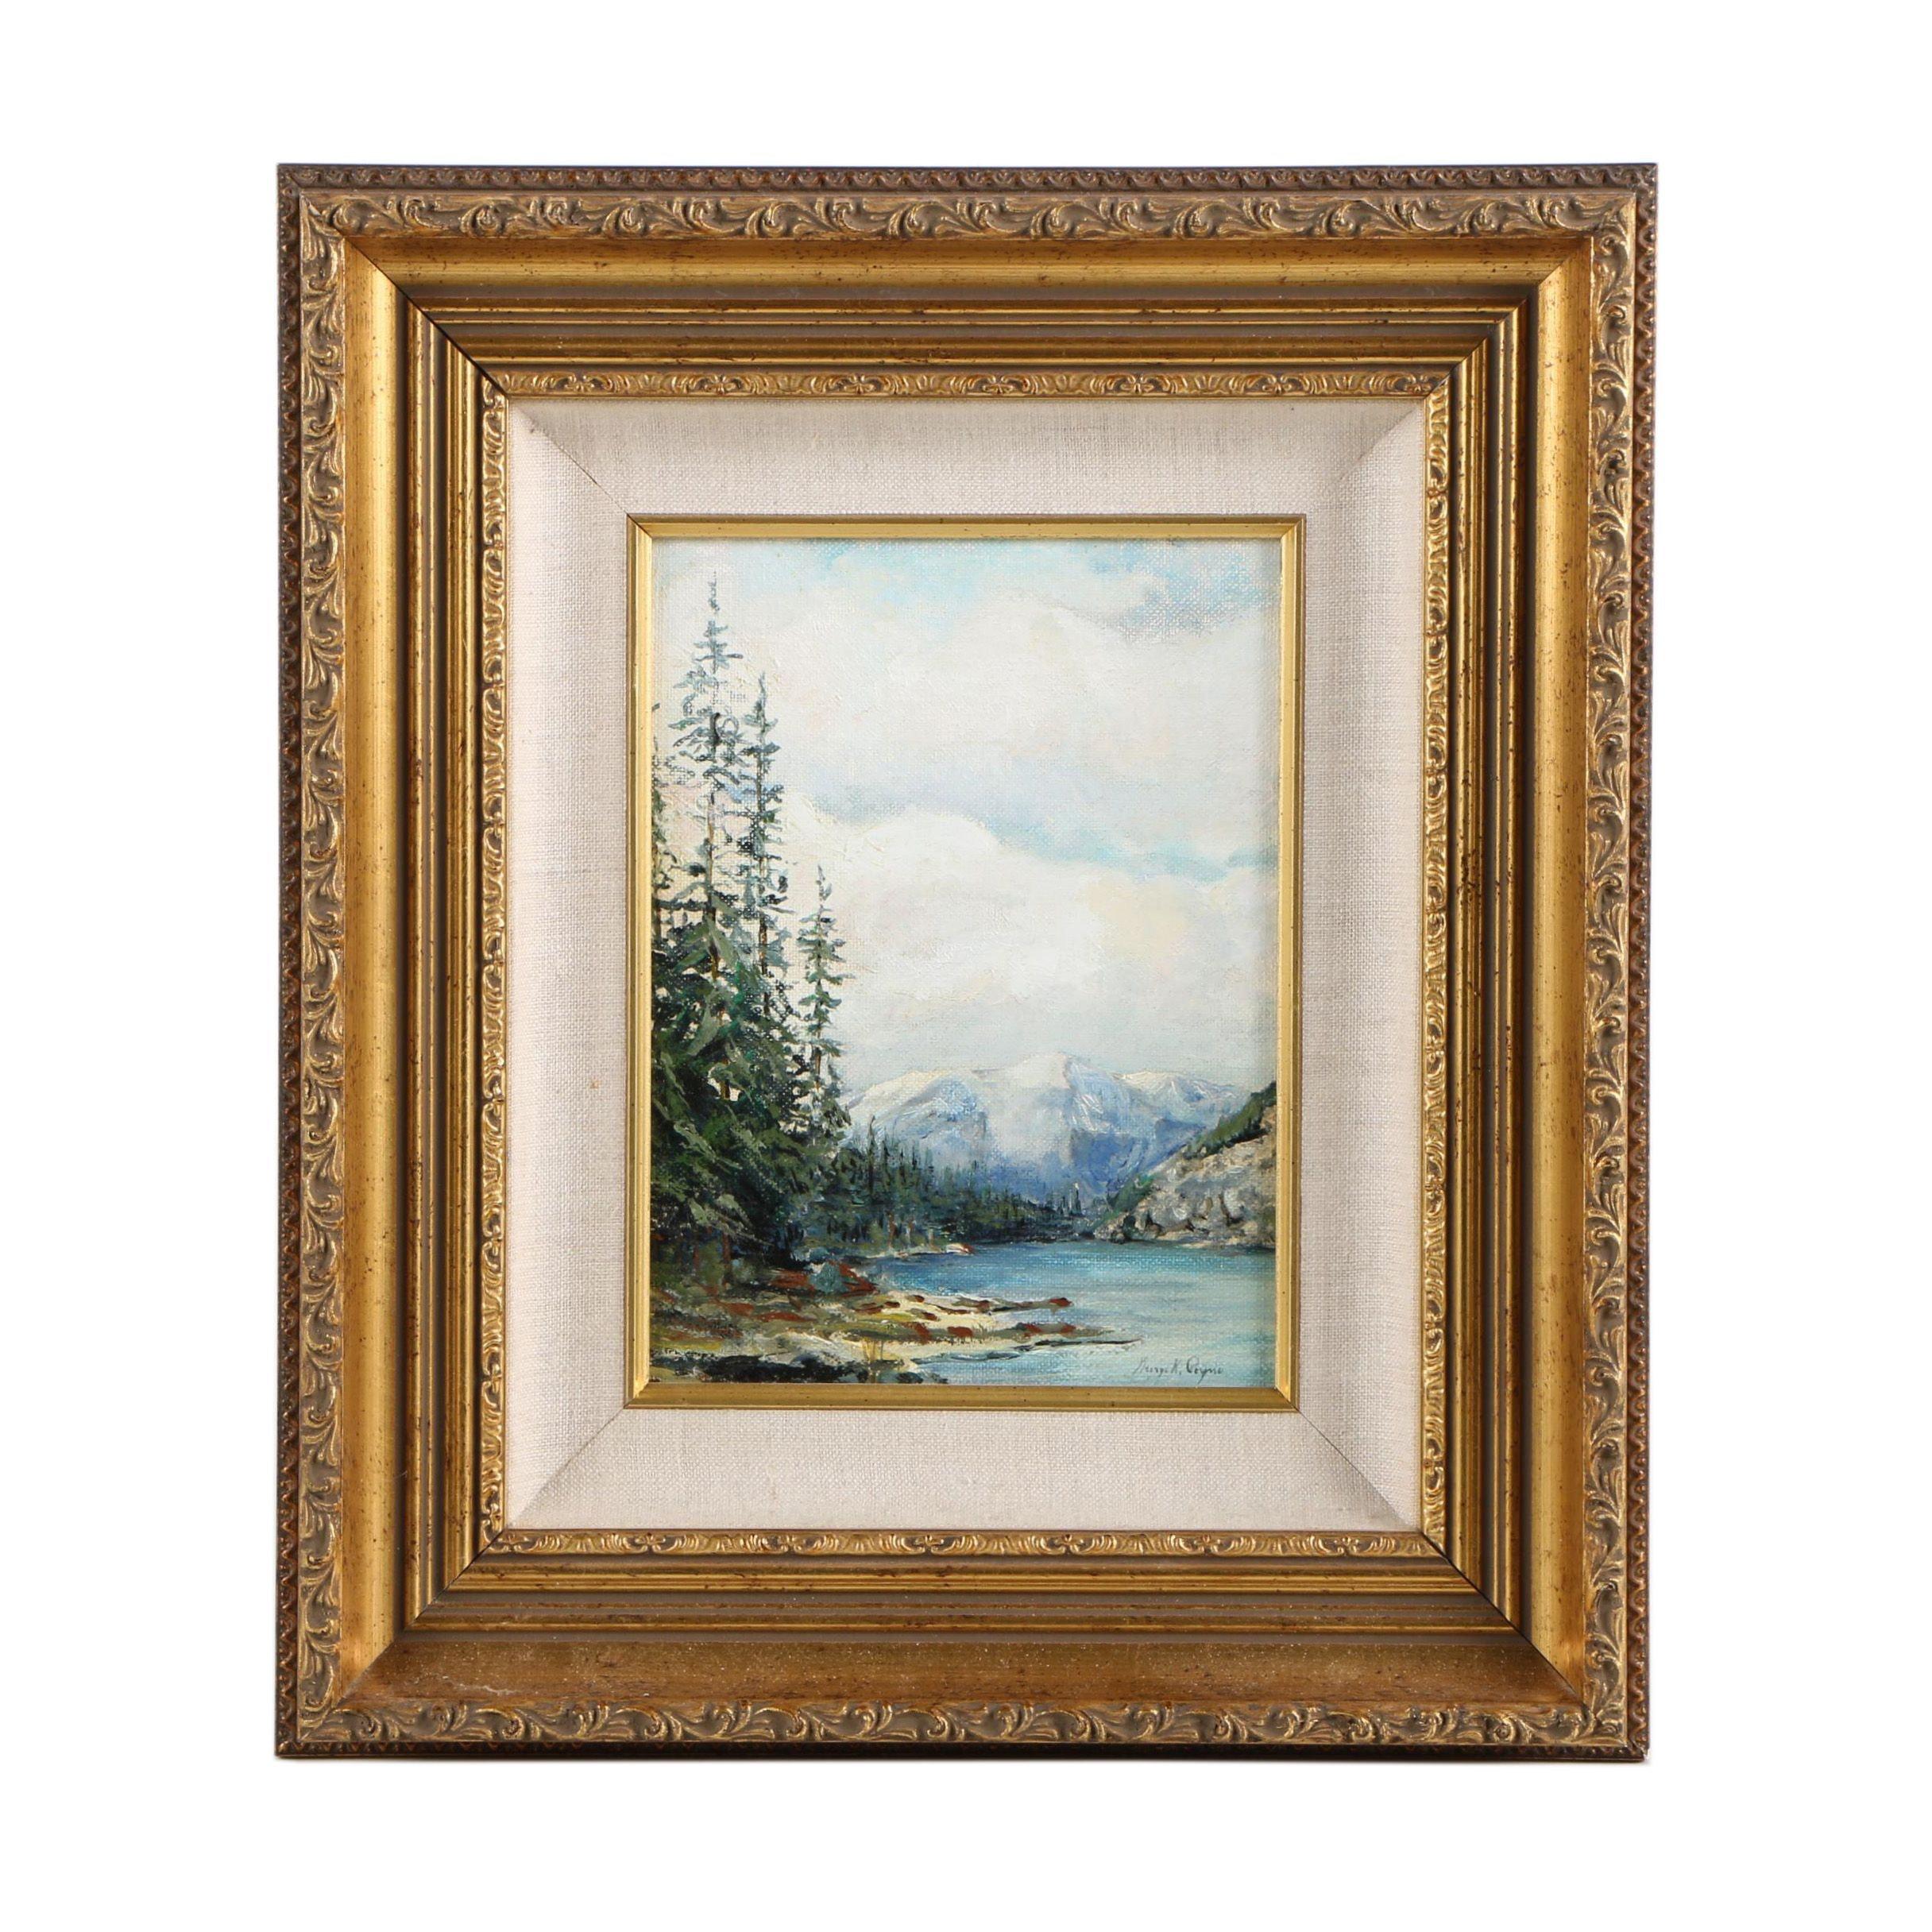 George K. Peyne Oil Painting